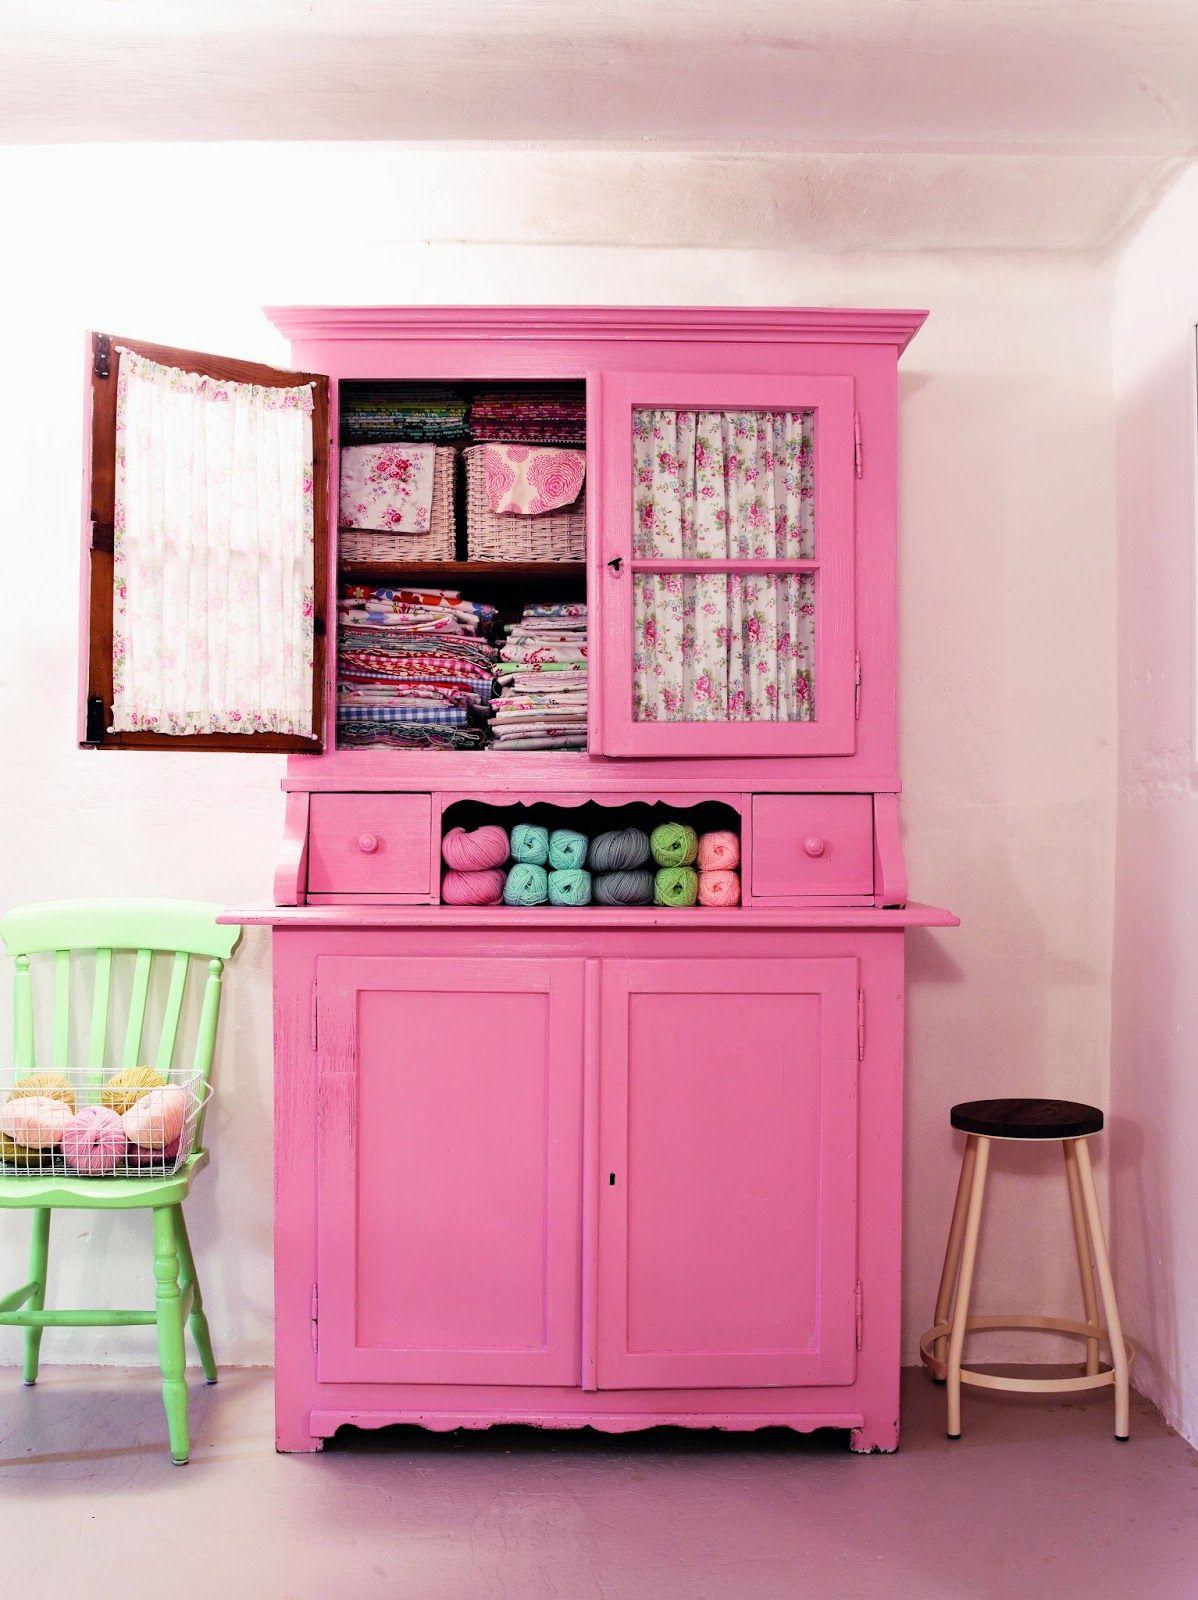 meuble peint pour chambre d 39 enfant style anglais pinterest vieilles armoires repeindre et. Black Bedroom Furniture Sets. Home Design Ideas